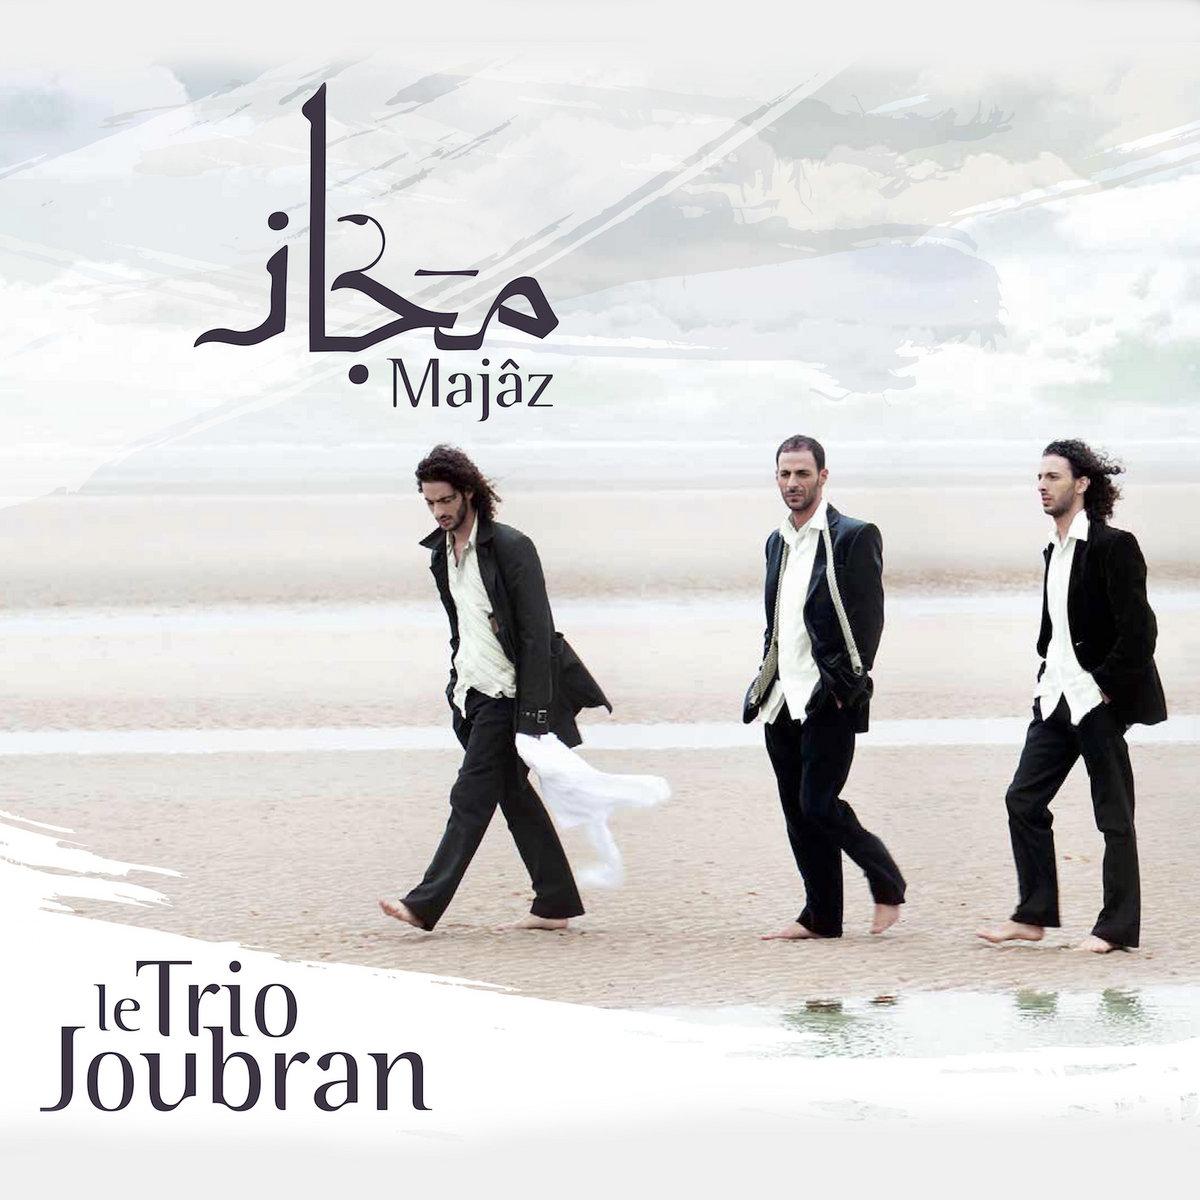 Le Trio Joubran: Majaz